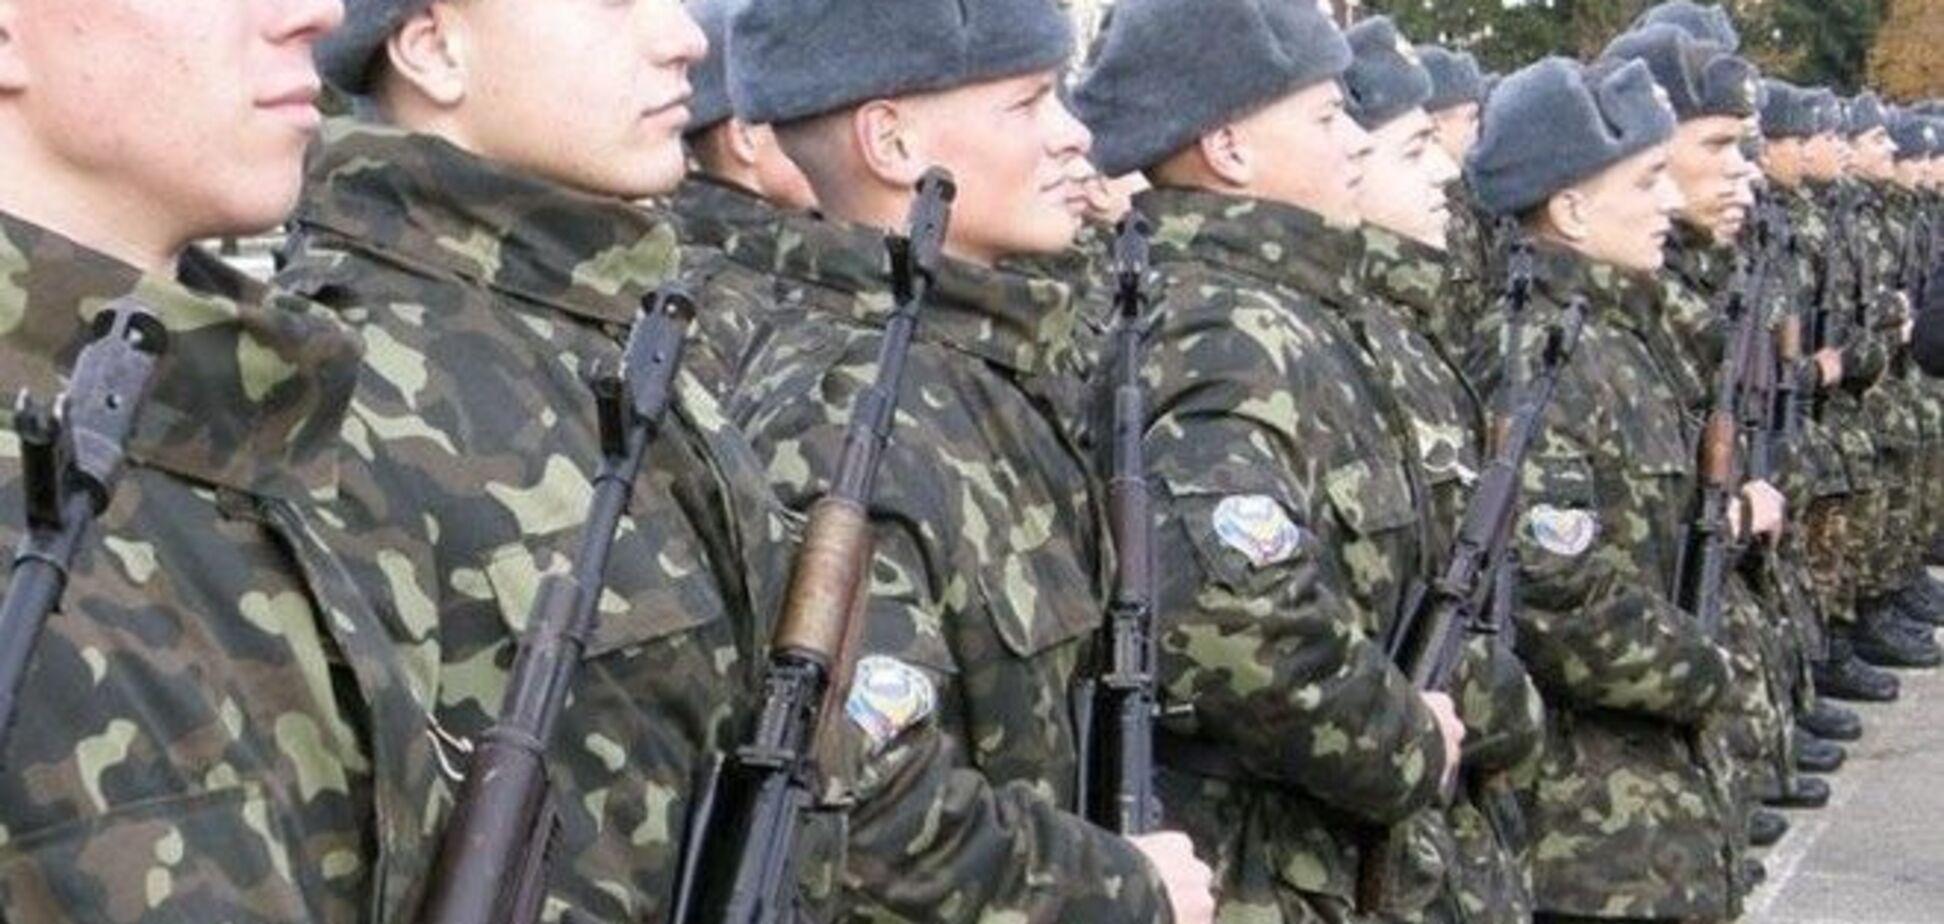 Военный комиссар заявил о почти 4 тыс. уклонистов на Львовщине